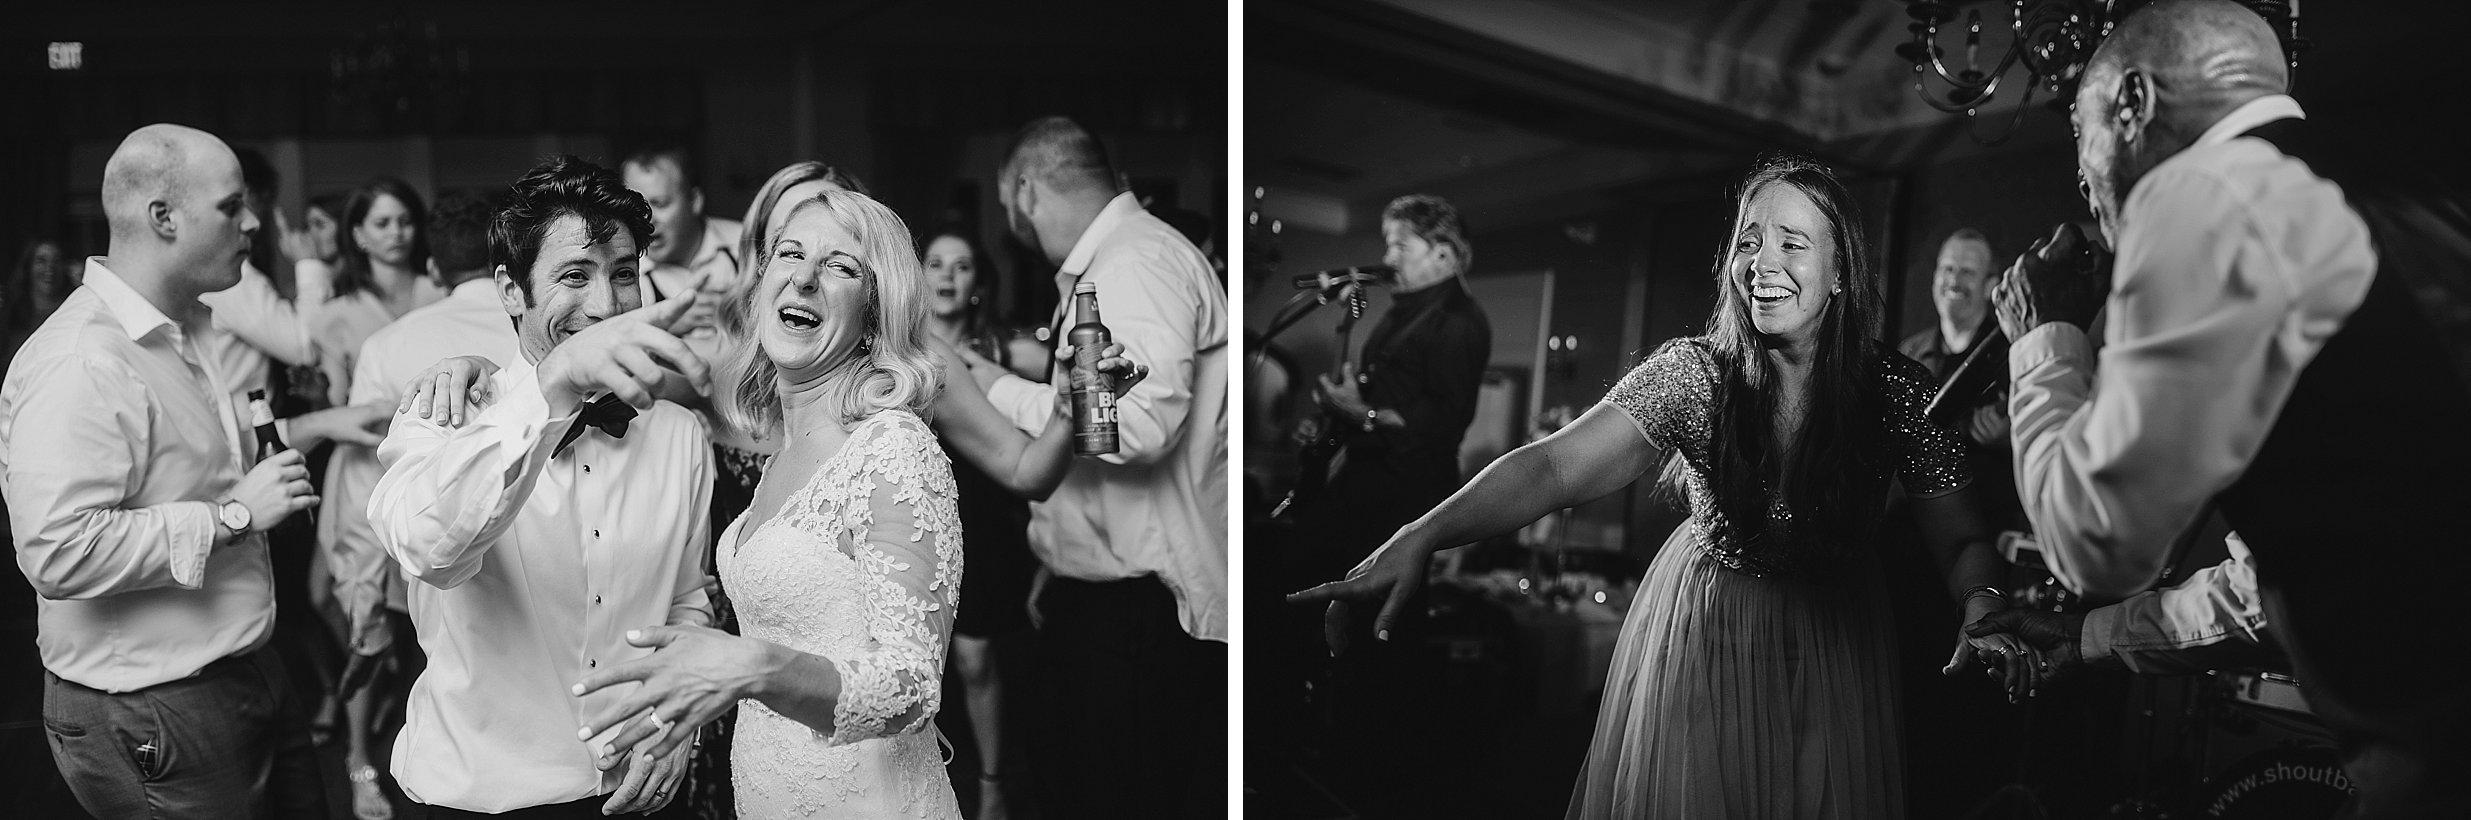 0128-Westwood Country Club Wedding_0105.jpg